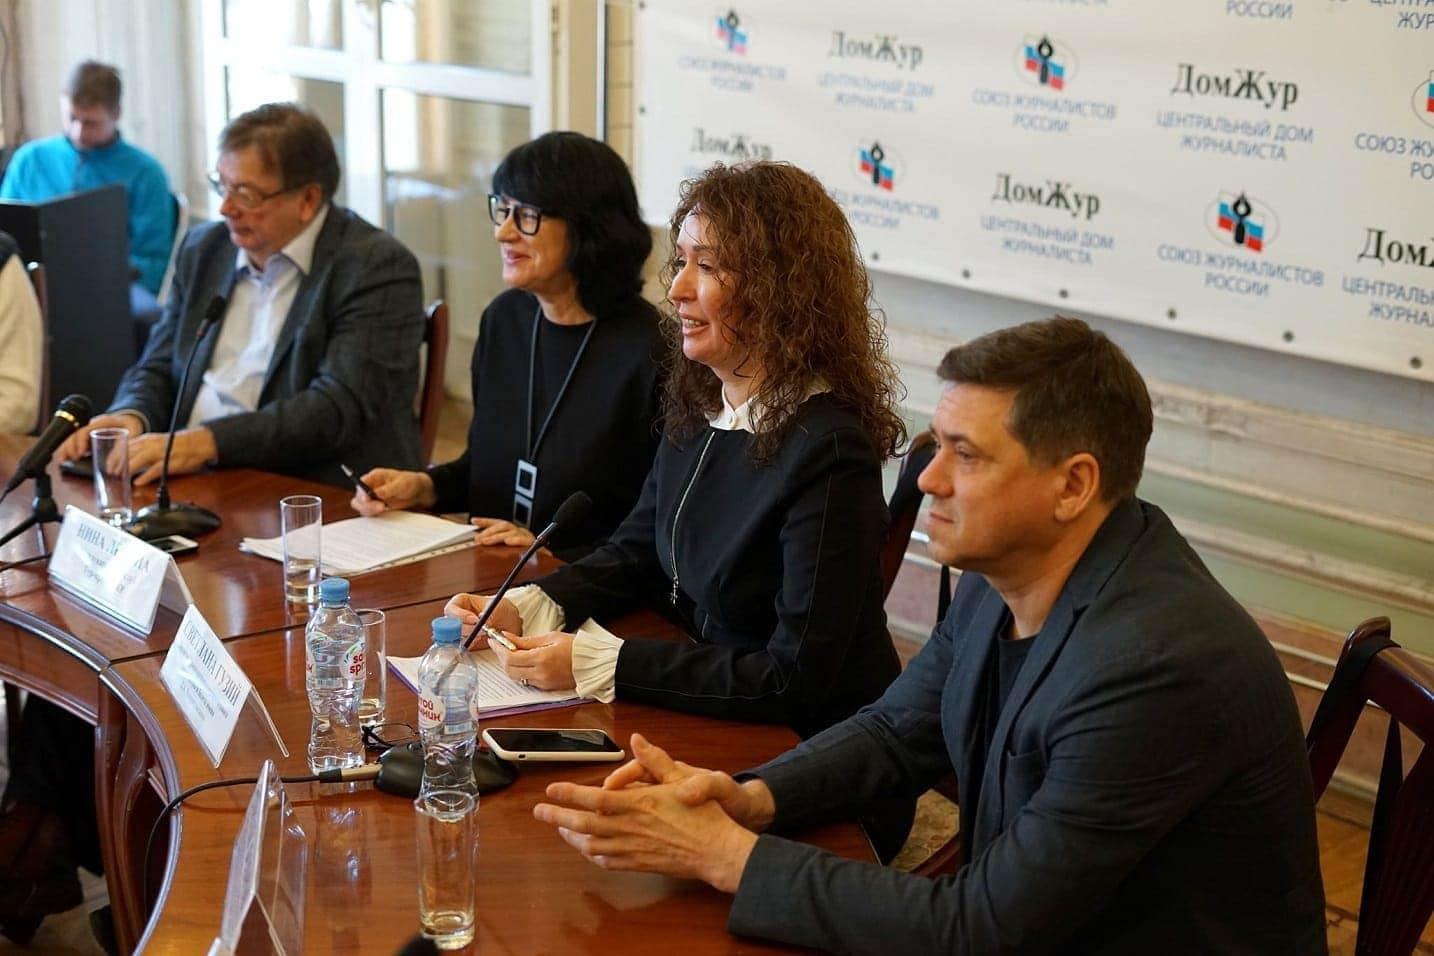 Александр Чайковский, Нина Лесина, Светлана Гузий, Сергей Бобров